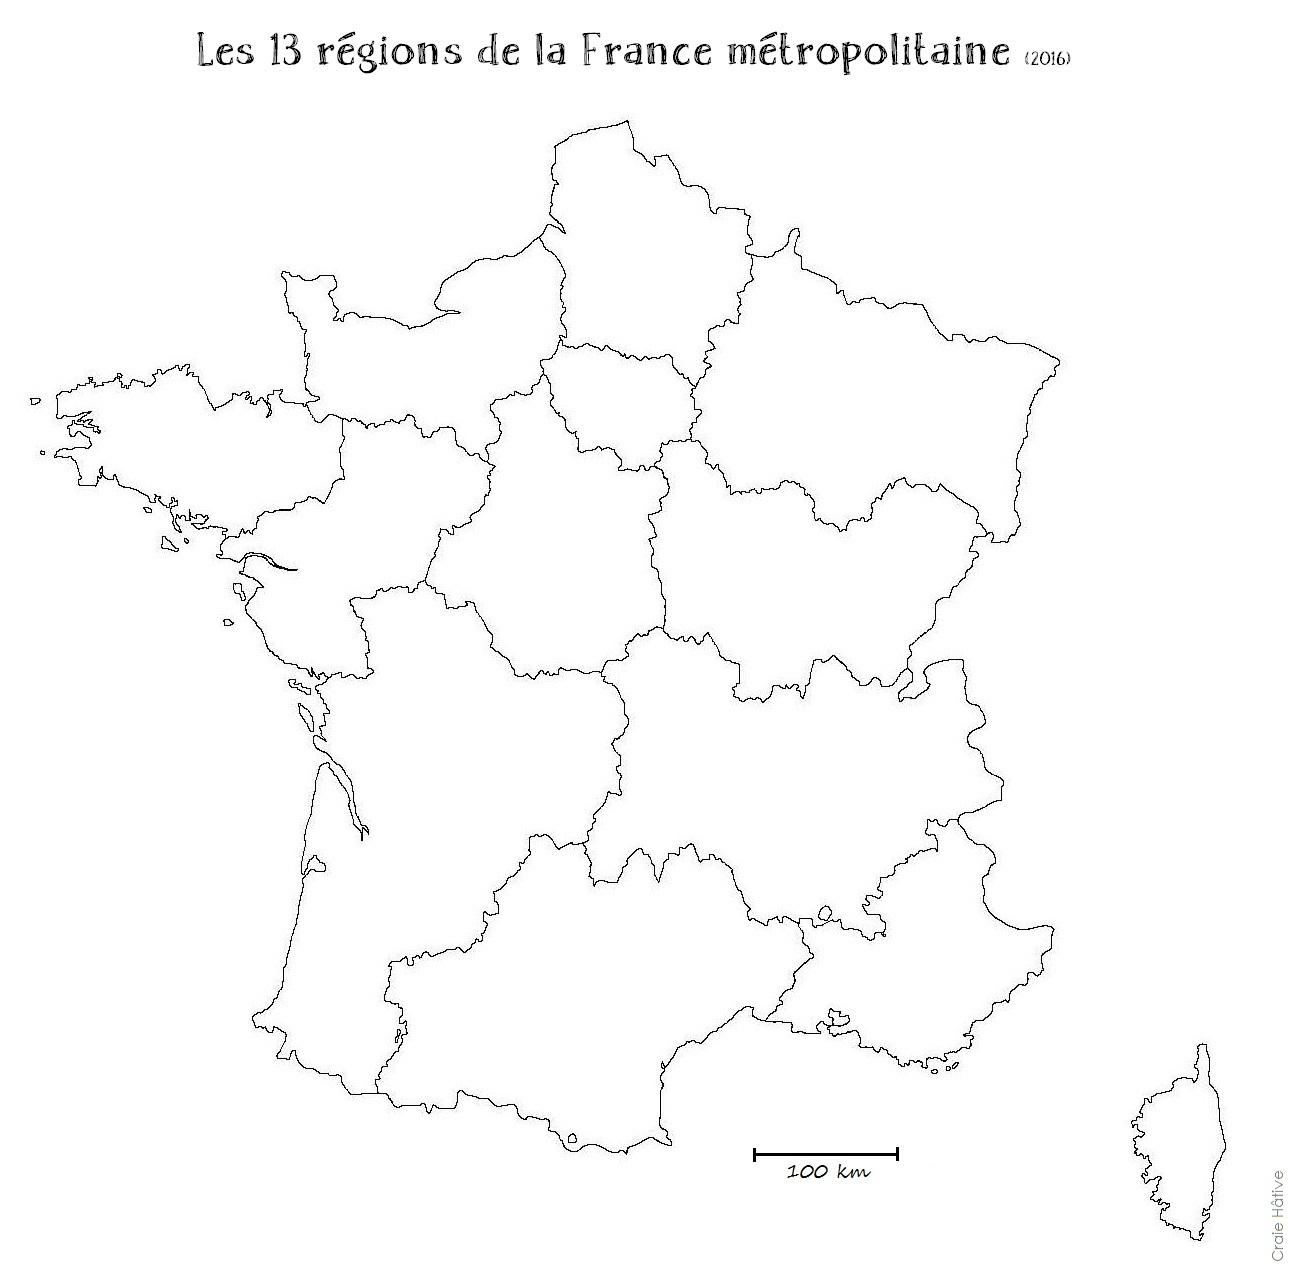 Cartes Des Régions De La France Métropolitaine - 2016 destiné Nouvelles Régions De France 2016